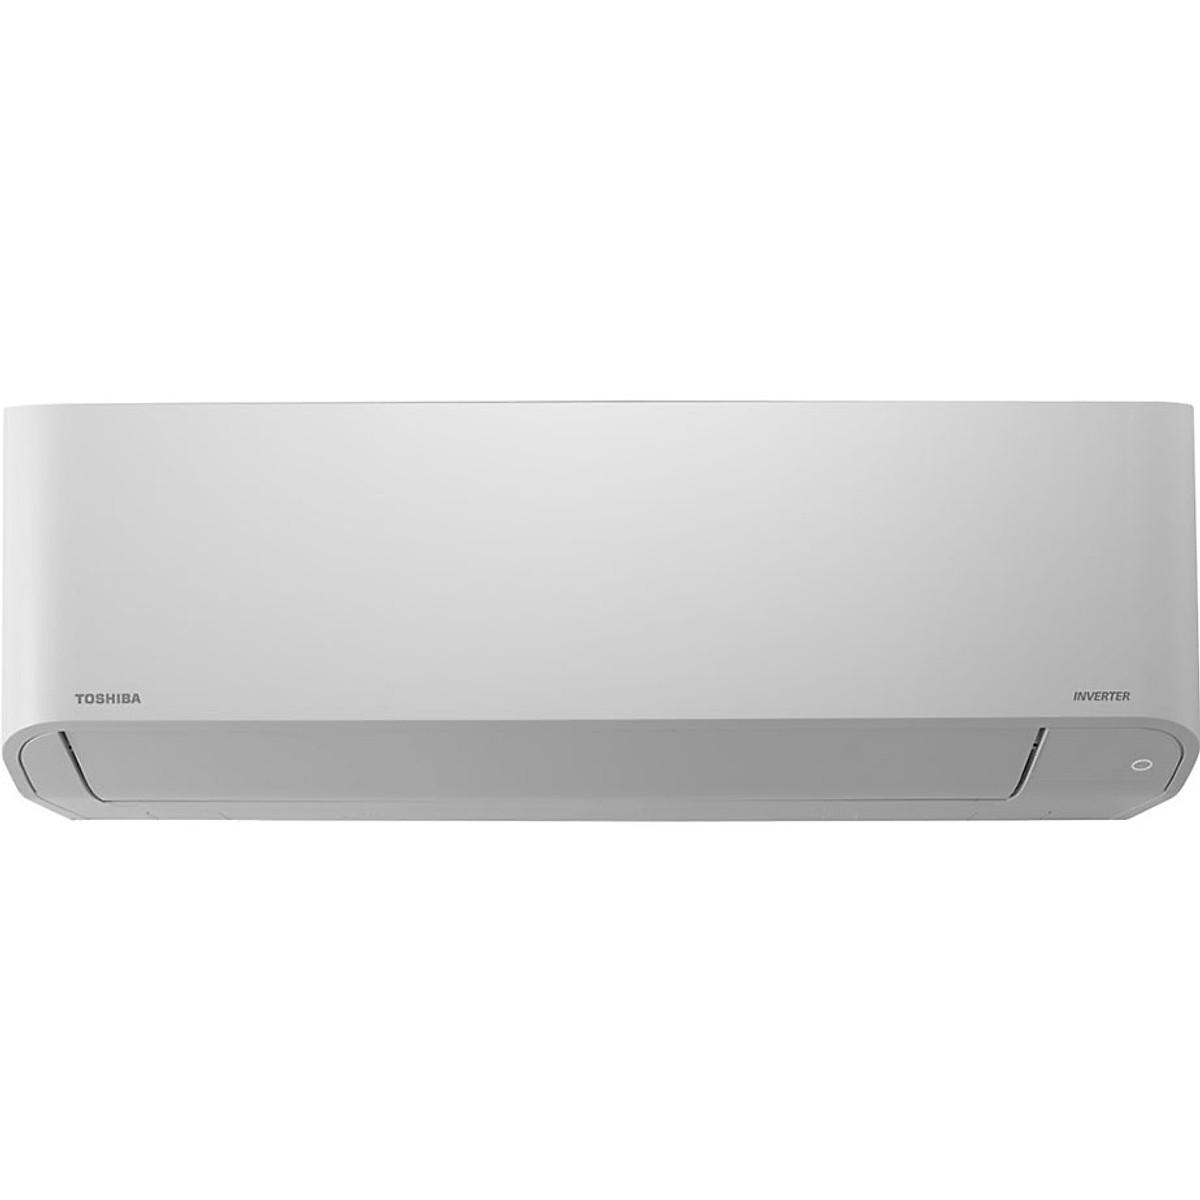 Máy lạnh Toshiba Inverter 1.5 HP RAS-H13H2KCVG-V HÀNG CHÍNH HÃNG